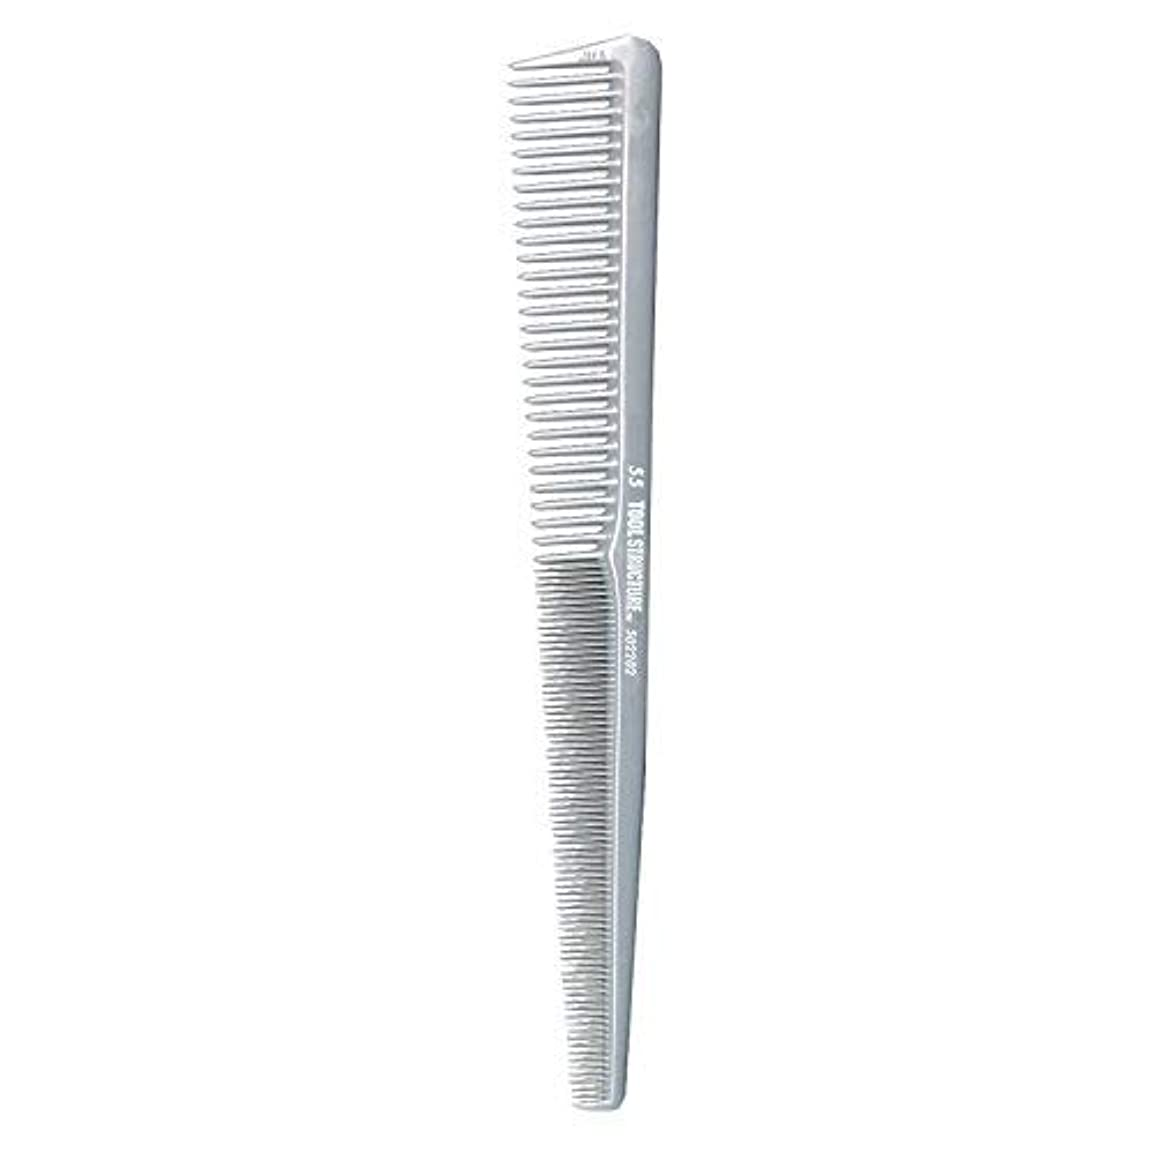 八百屋ホイットニージョージスティーブンソンTool Structure Barber Comb #55 [並行輸入品]